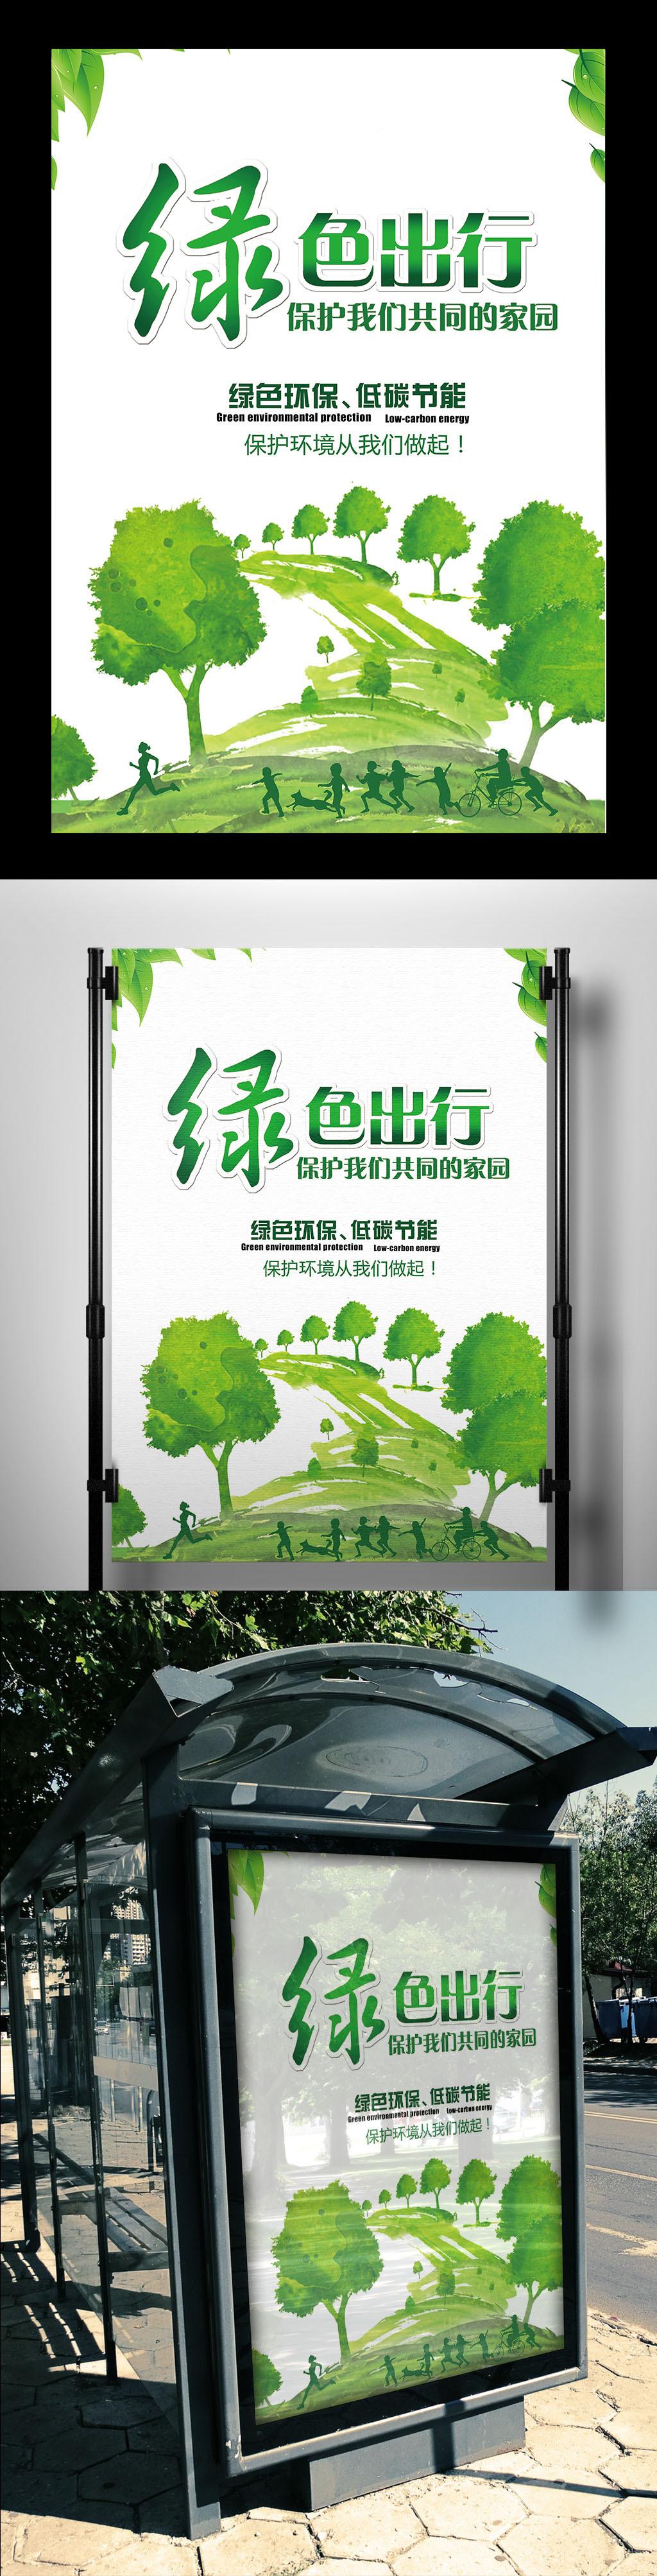 低碳环保绿色出行公益海报